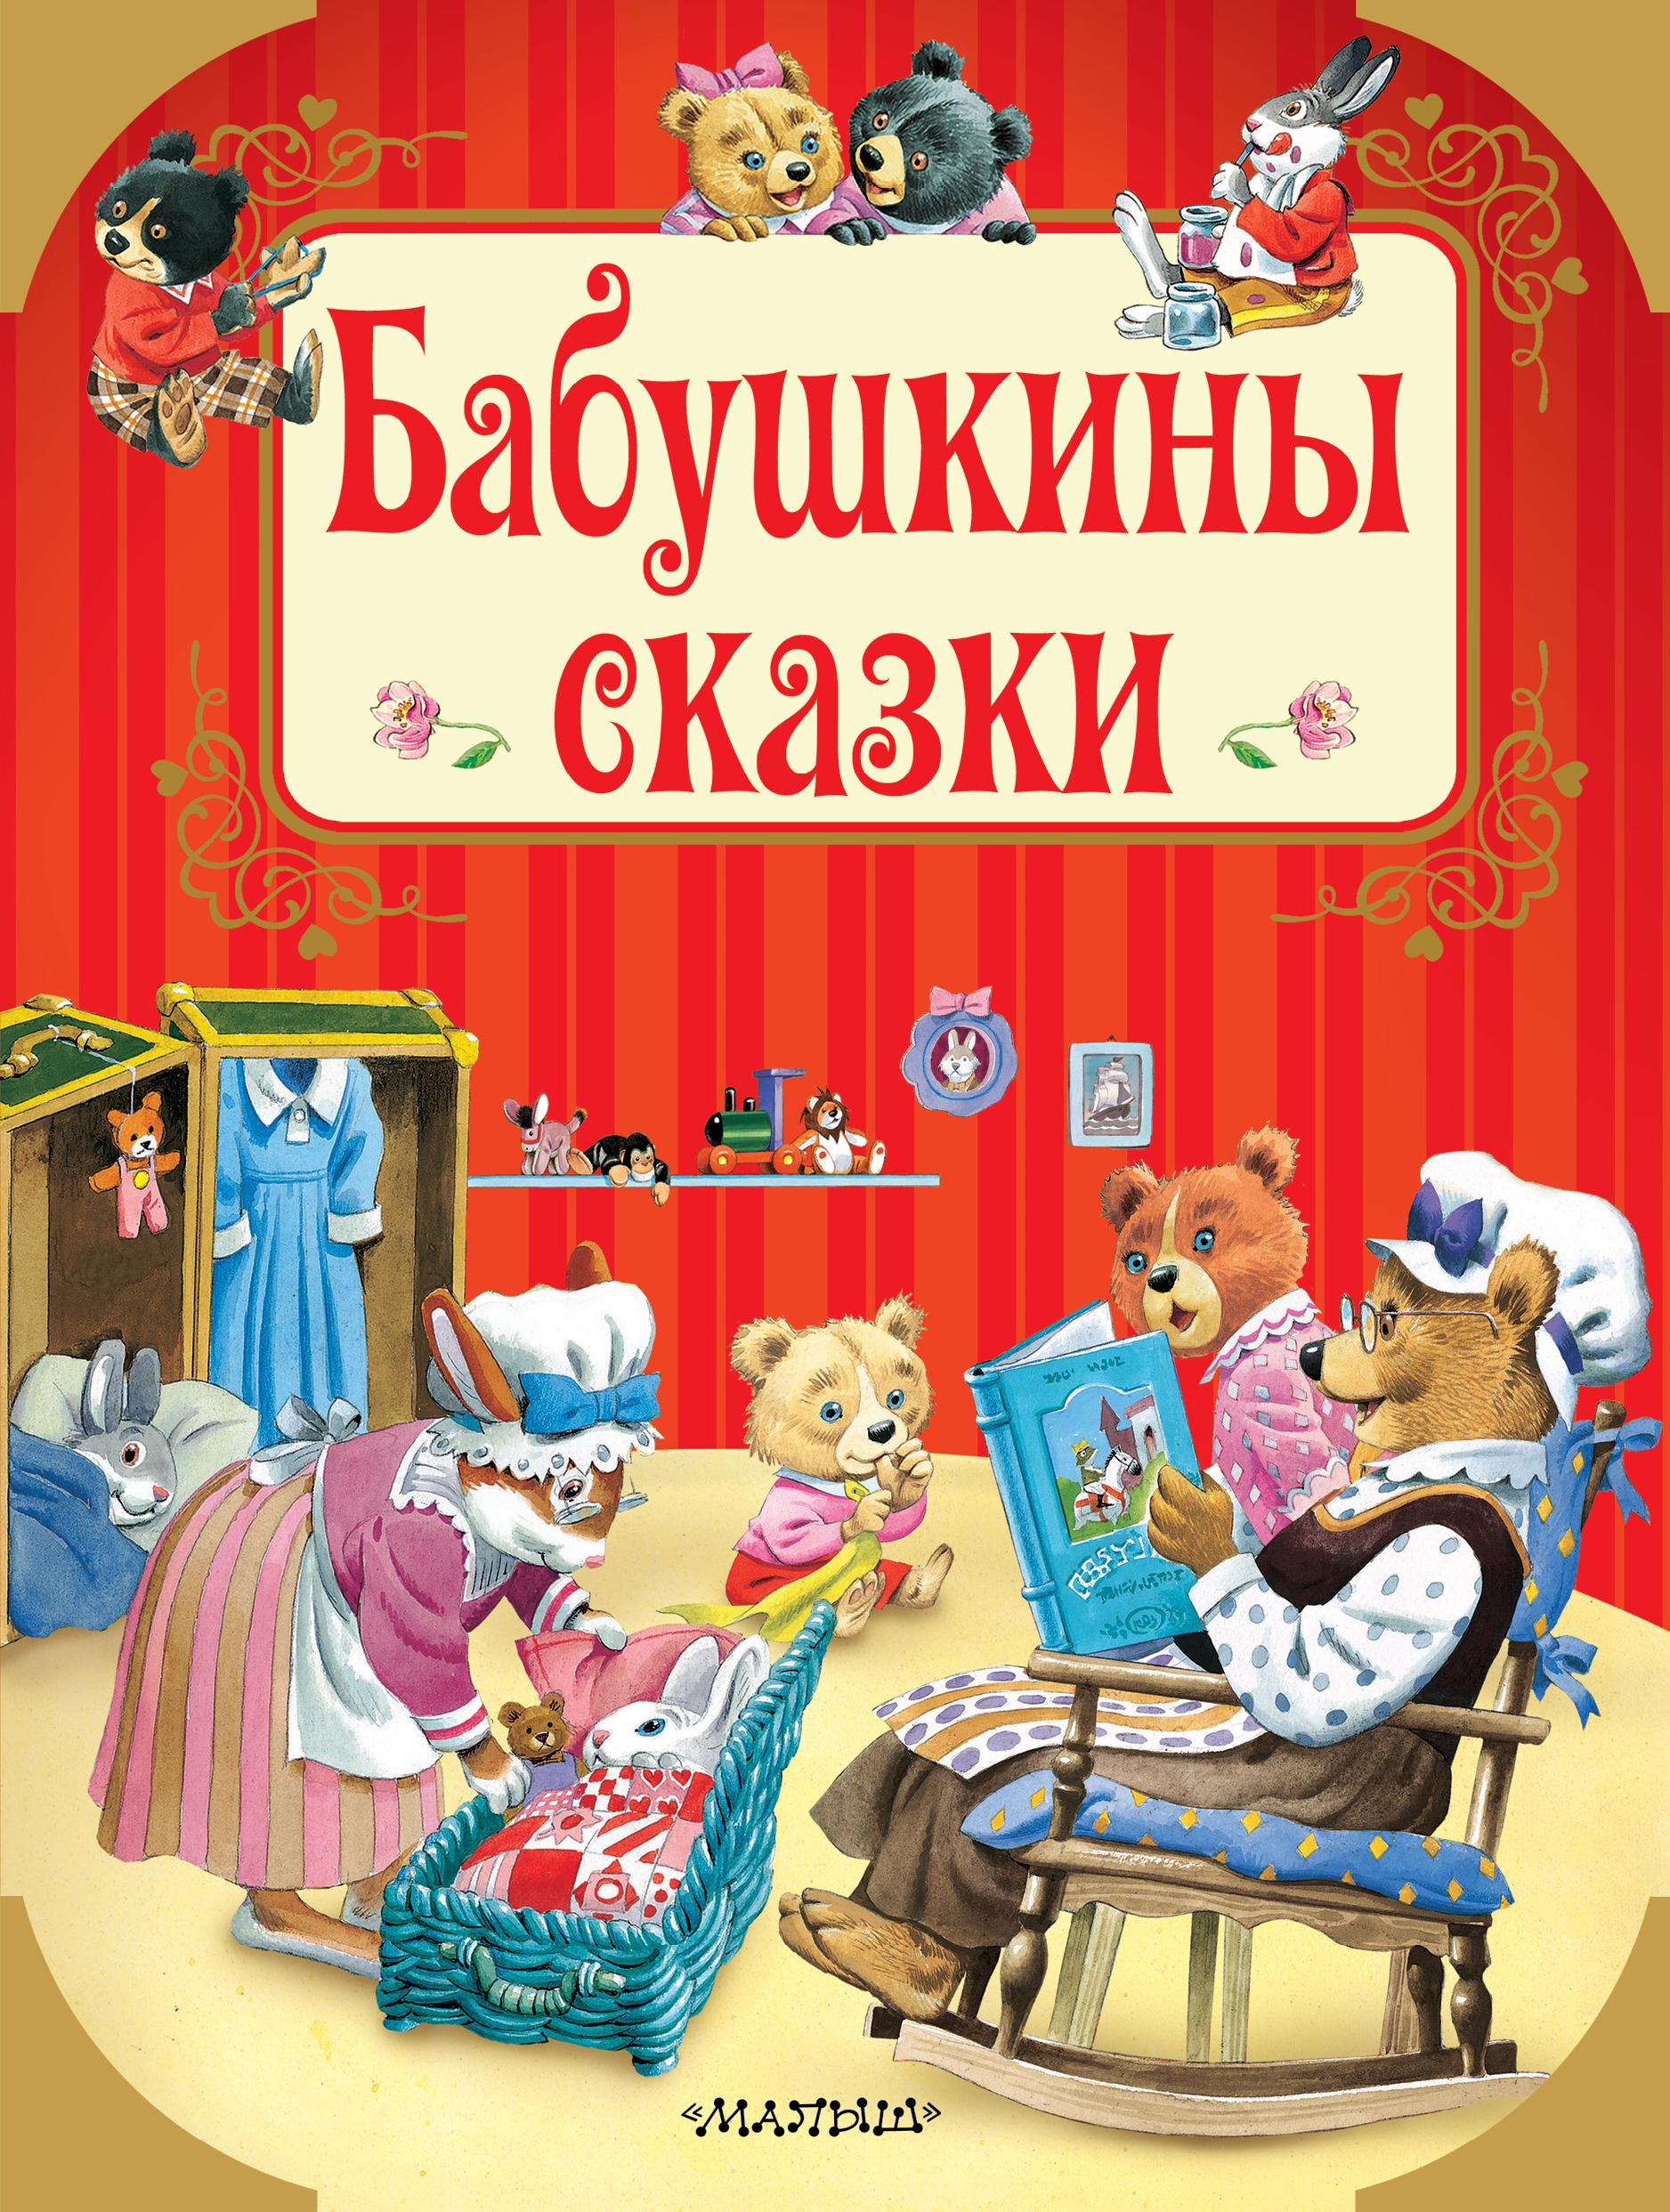 Тони Вульф Бабушкины сказки бабушкины сказки сборник мультфильмов